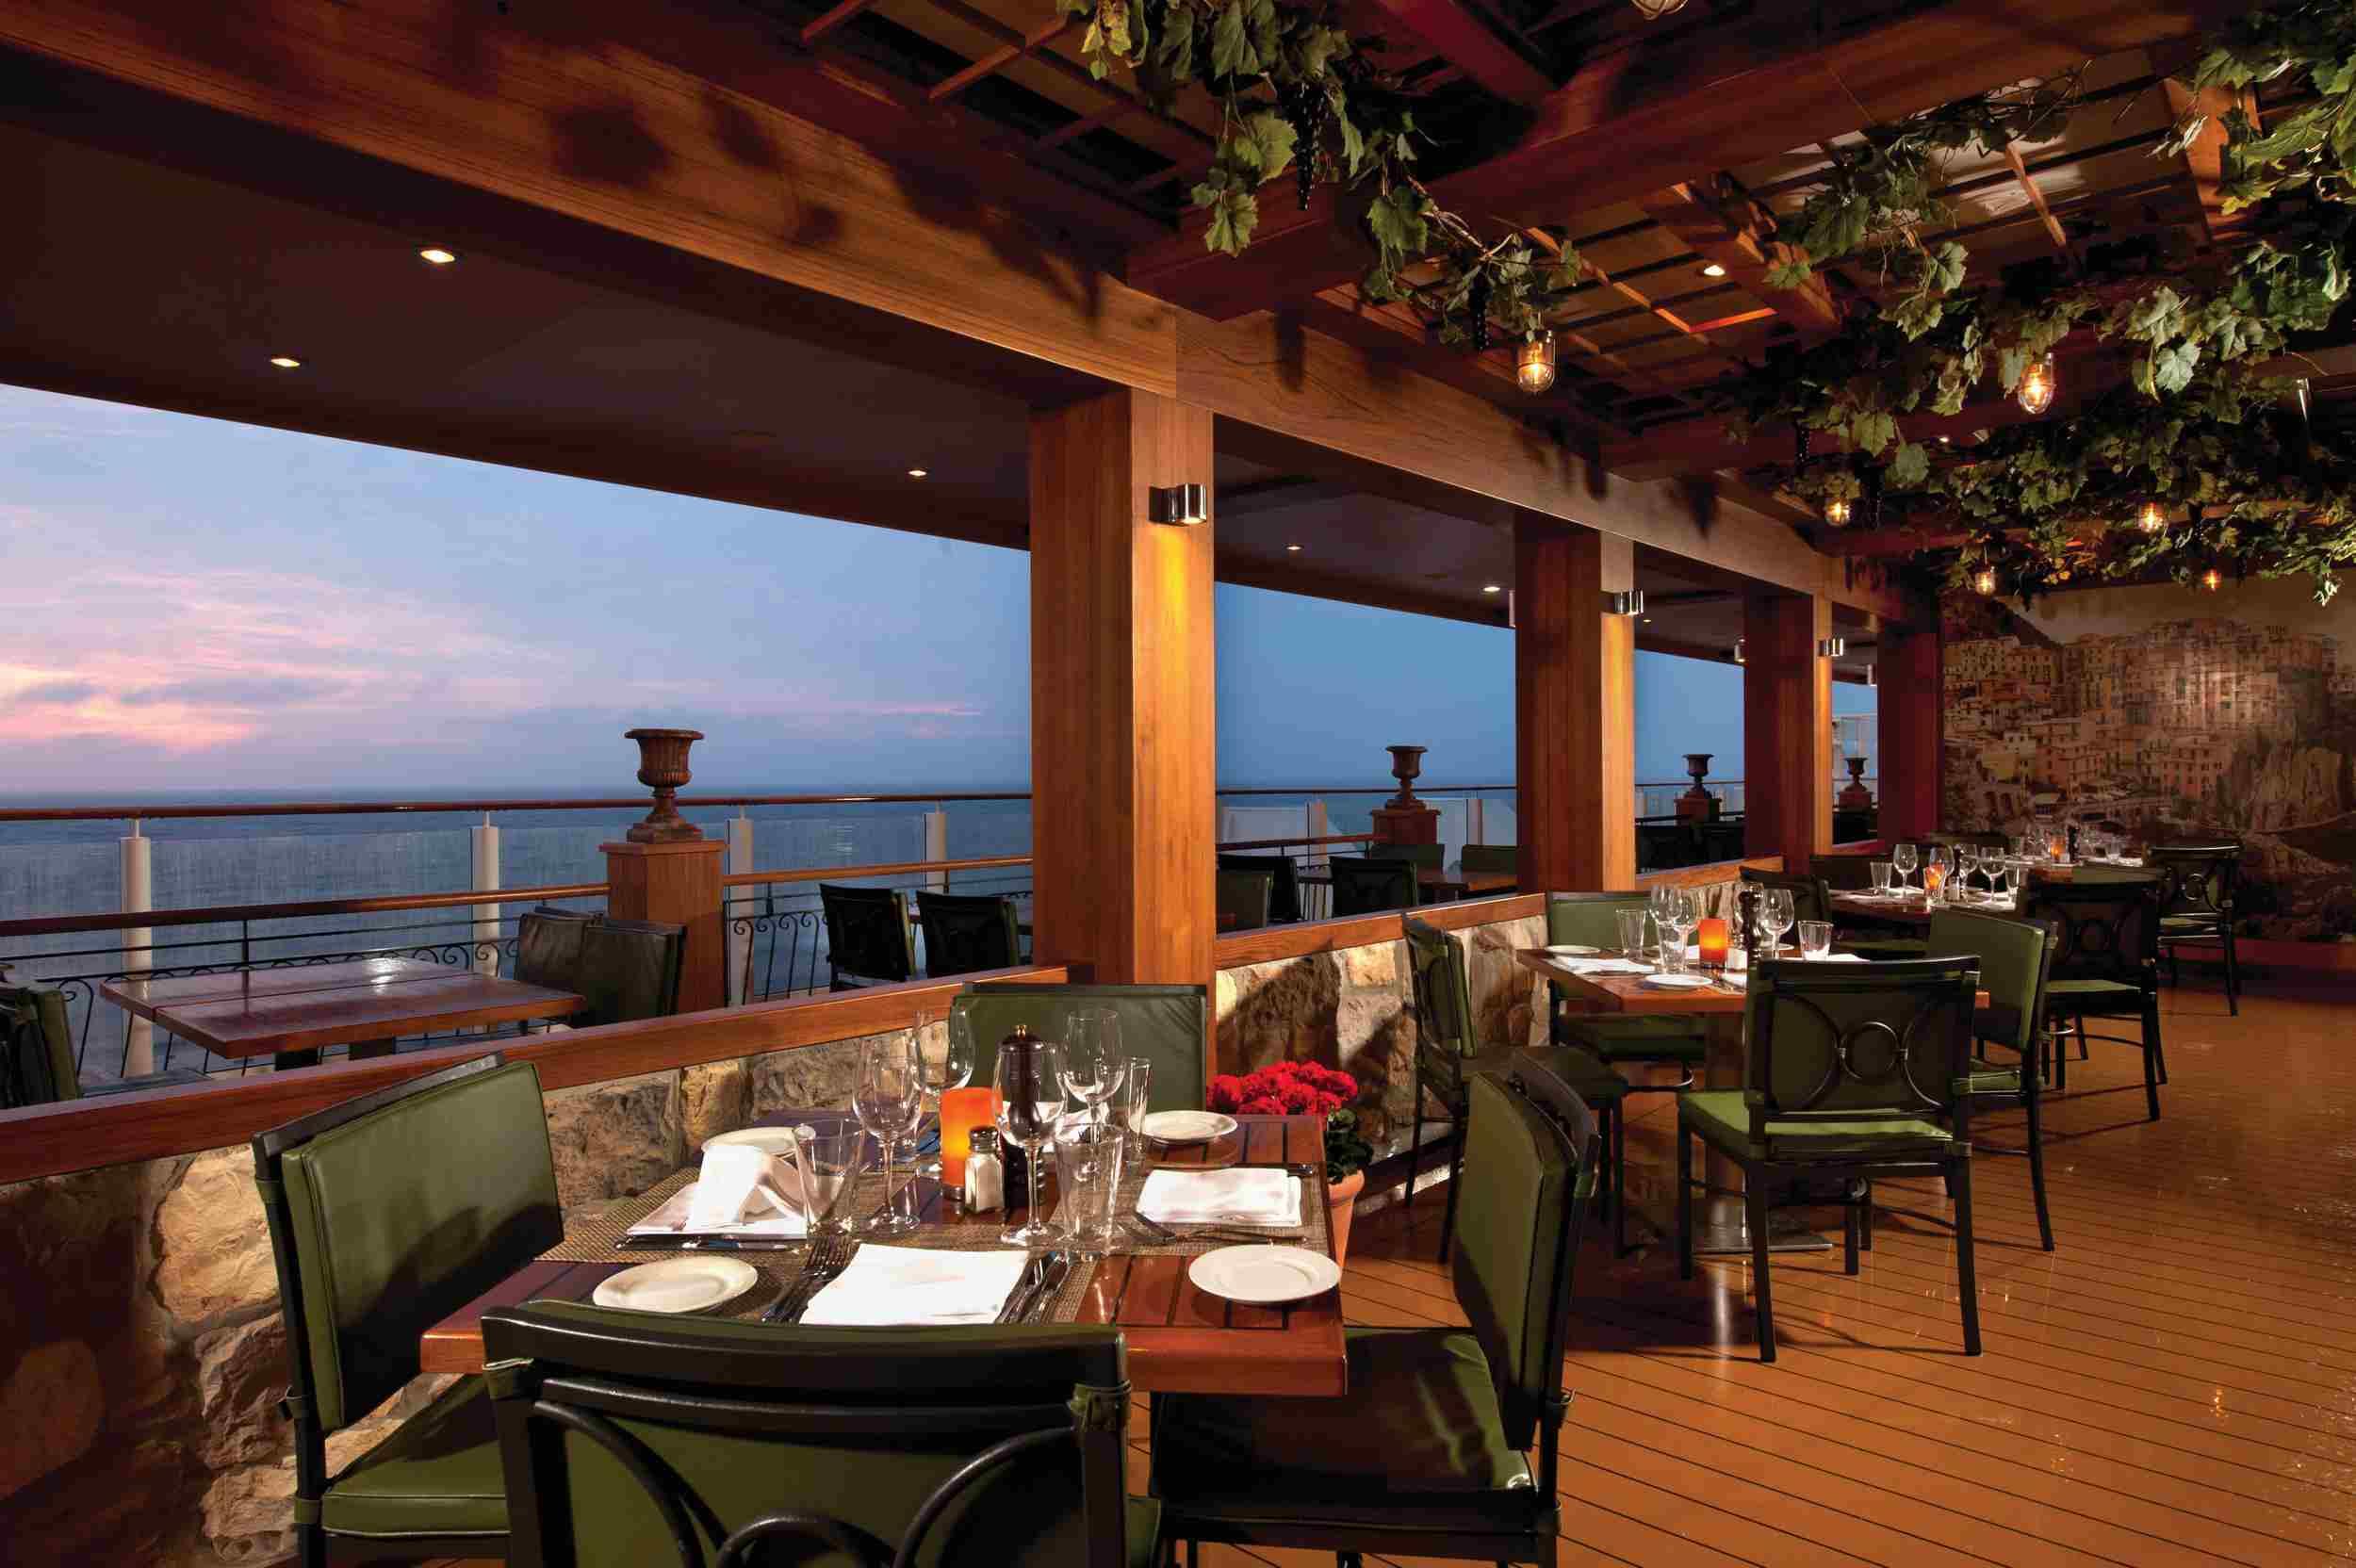 La Cucina Italian Restaurant on the Norwegian Getaway